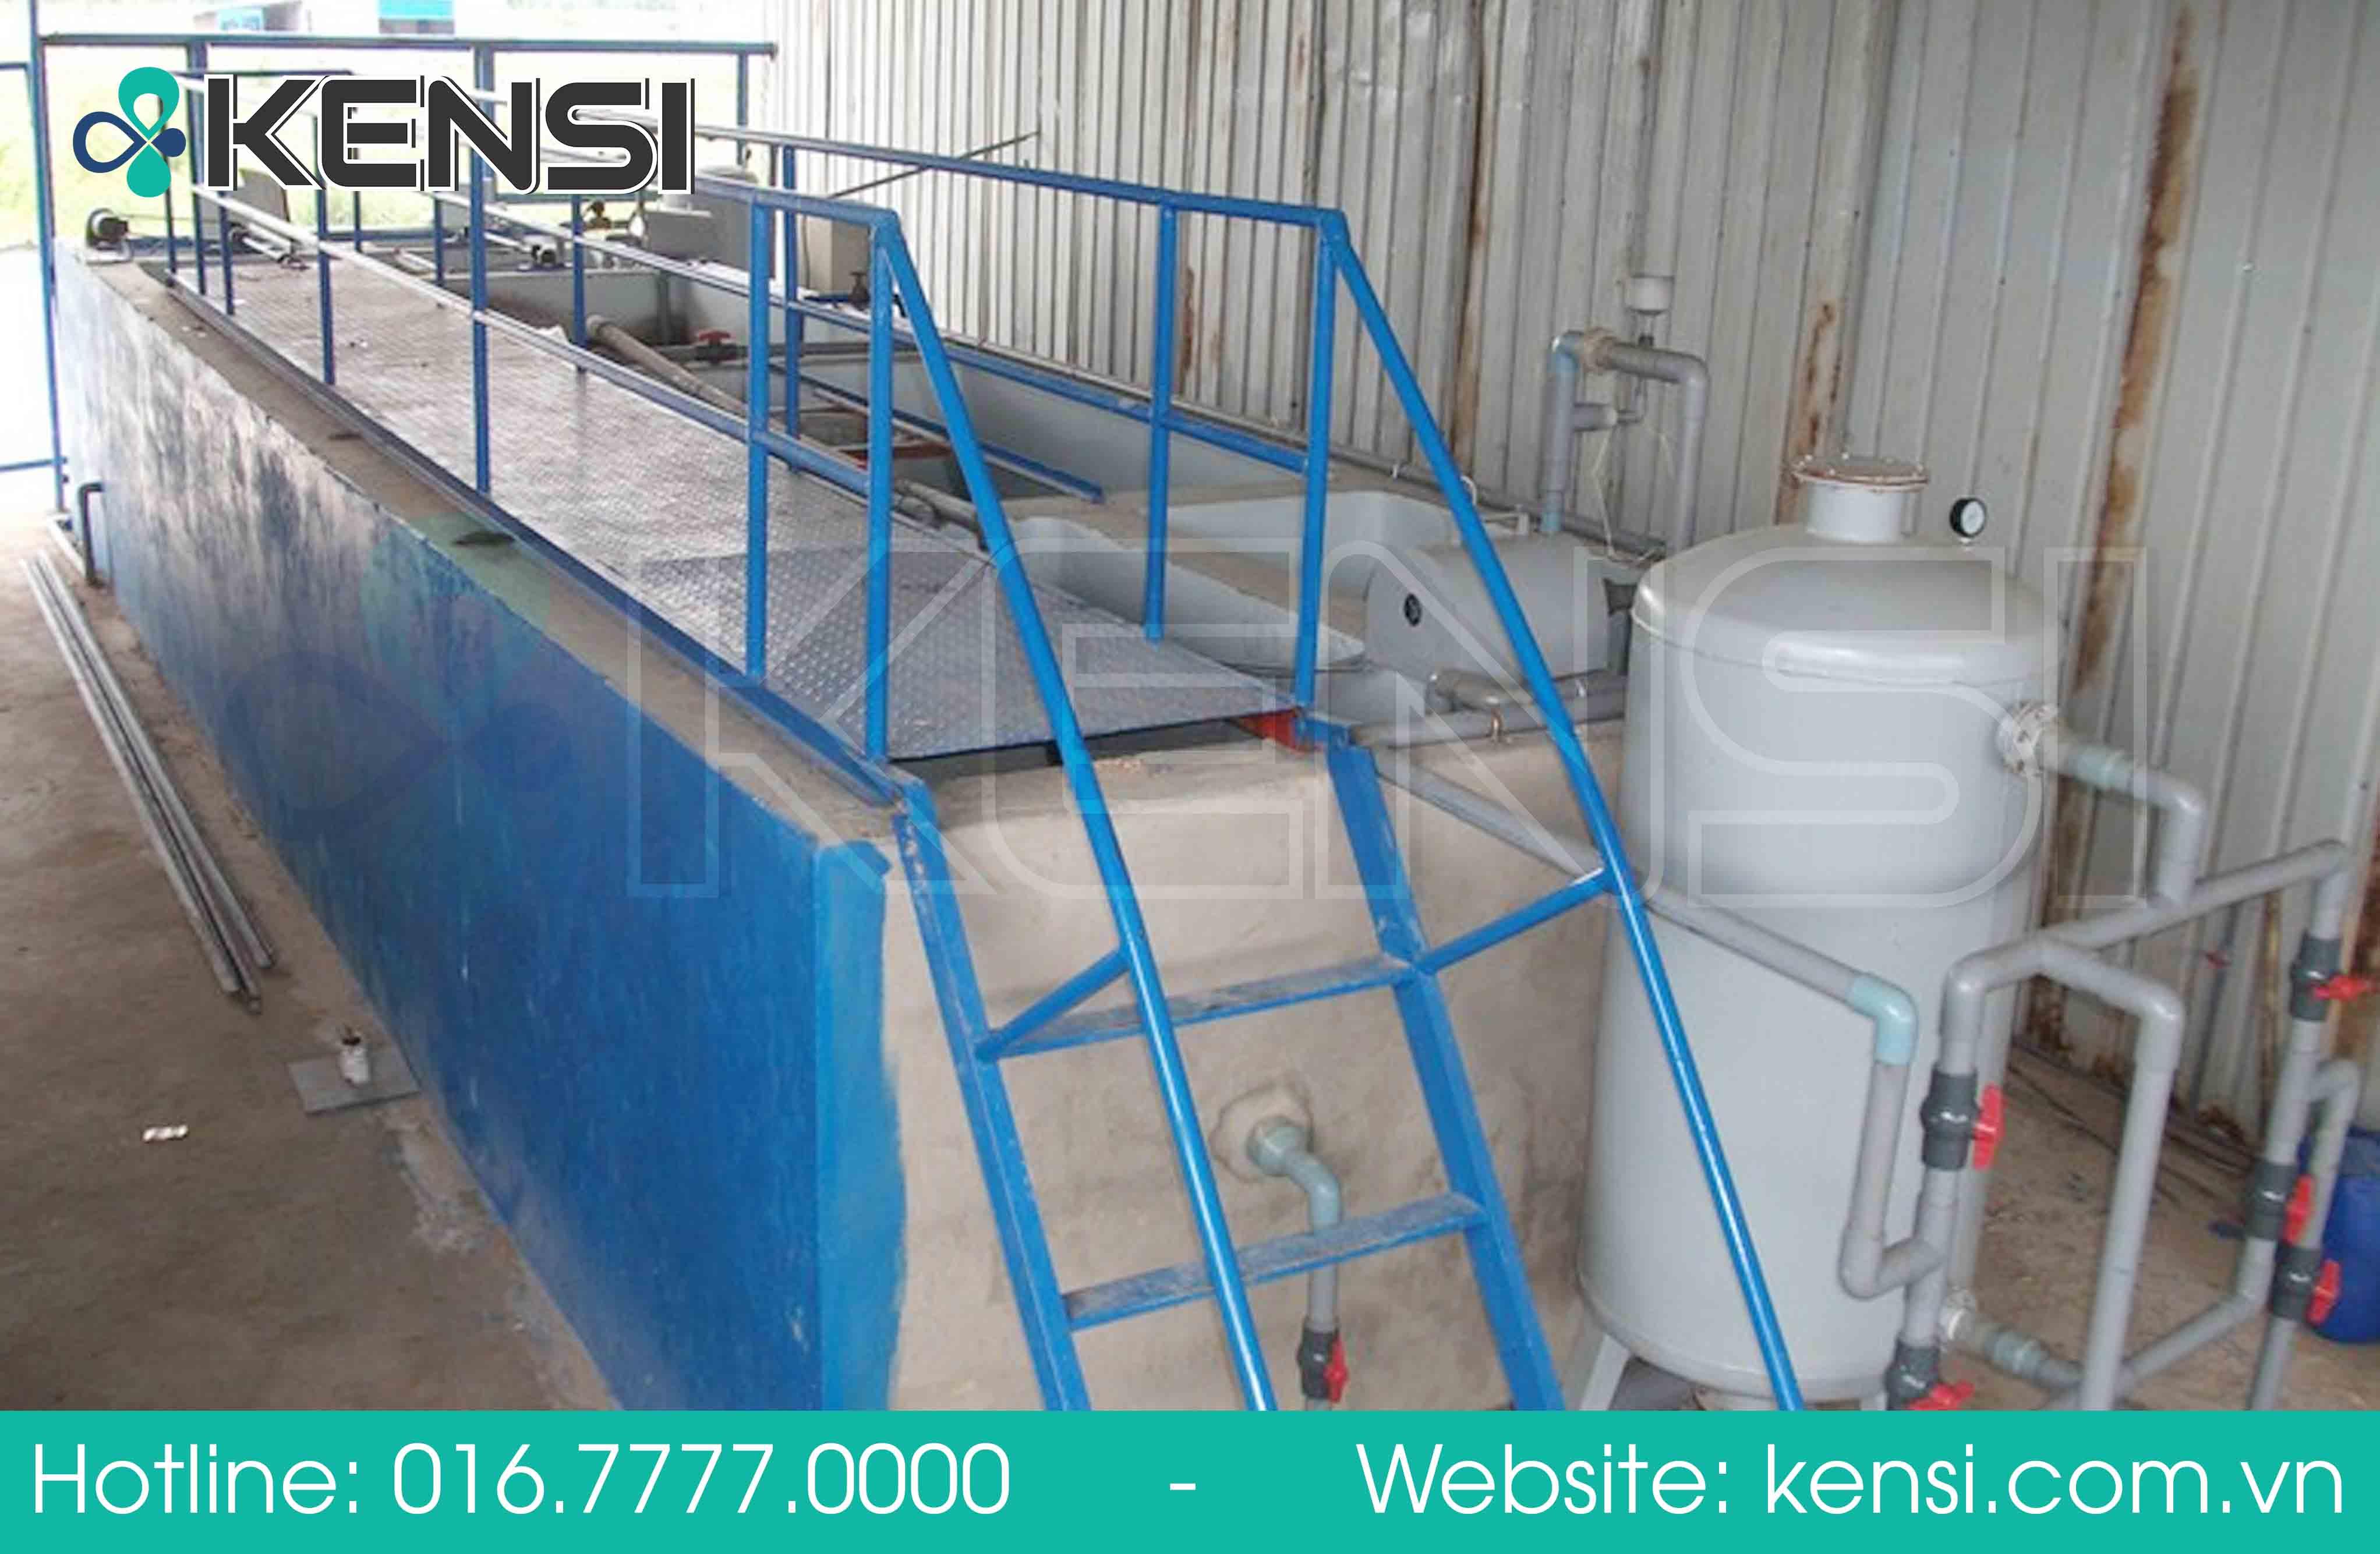 Tại địa điểm Hà Nội chọn lắp đặt hệ thống lọc nước công nghiệp của thương hiệu nào uy tín nhất?